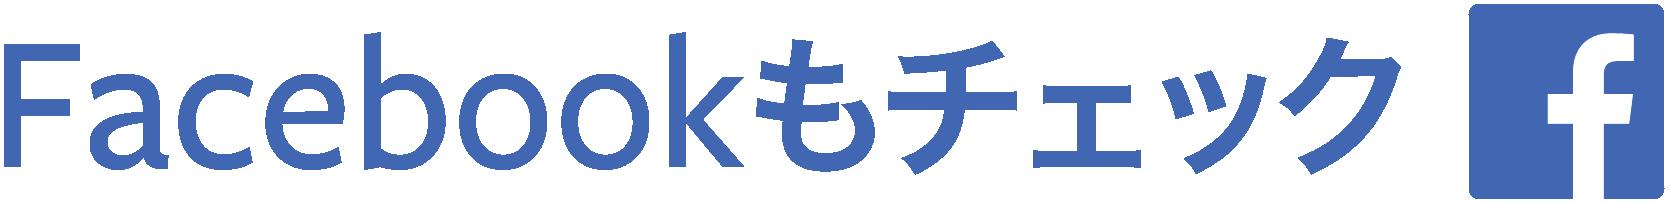 ハートエステートFacebook